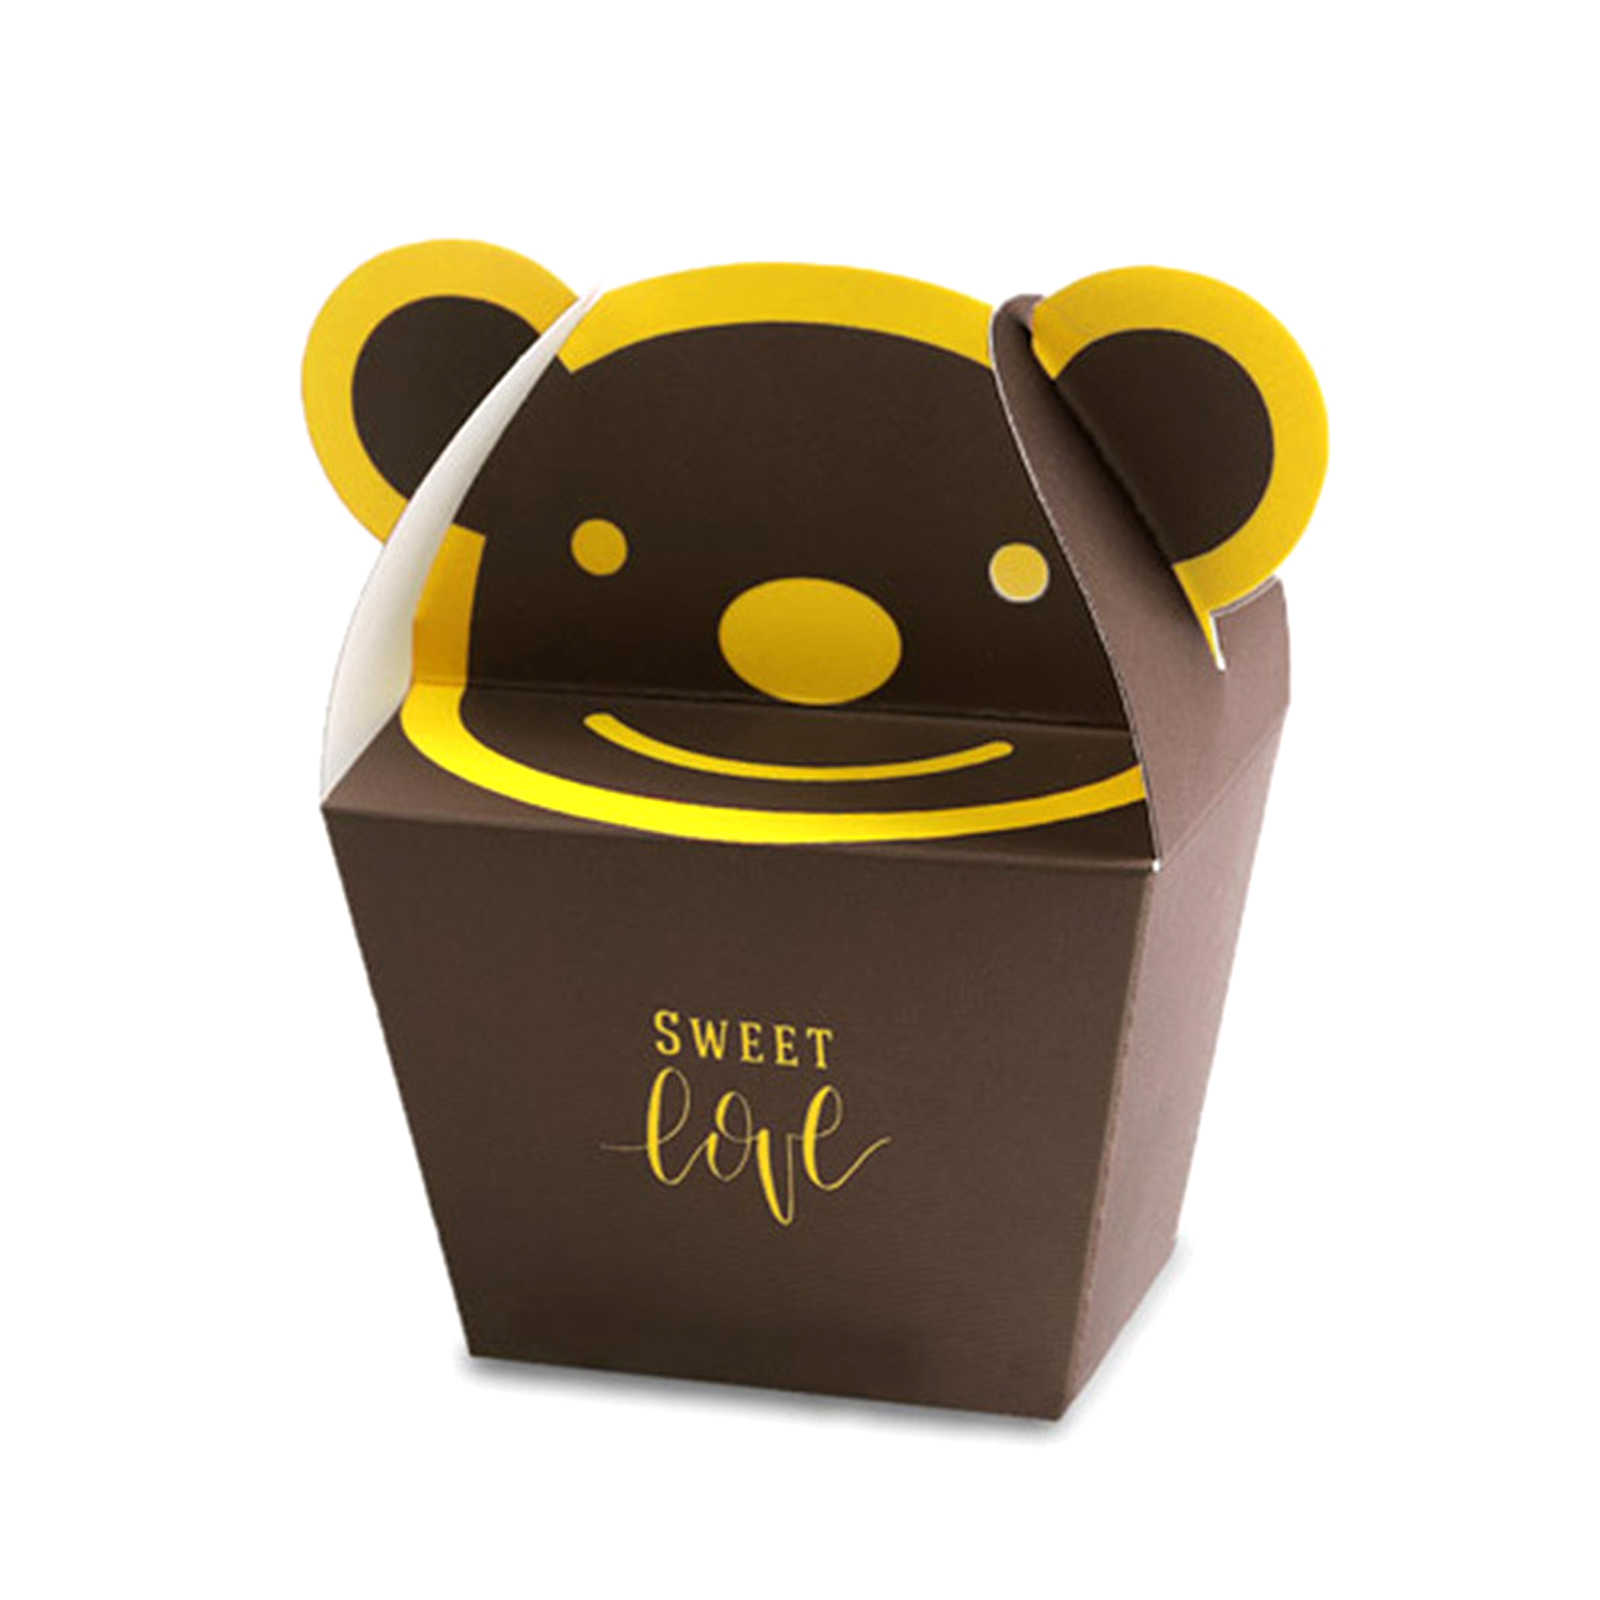 10 pçs/lote Urso Dos Desenhos Animados de Animais Caixa de Doces de Casamento Decoração de Festa de Ano Novo do Aniversário Dos Miúdos do Presente Do Chuveiro de Bebê de Chocolate Saco de 13.5x6.5x4.1cm